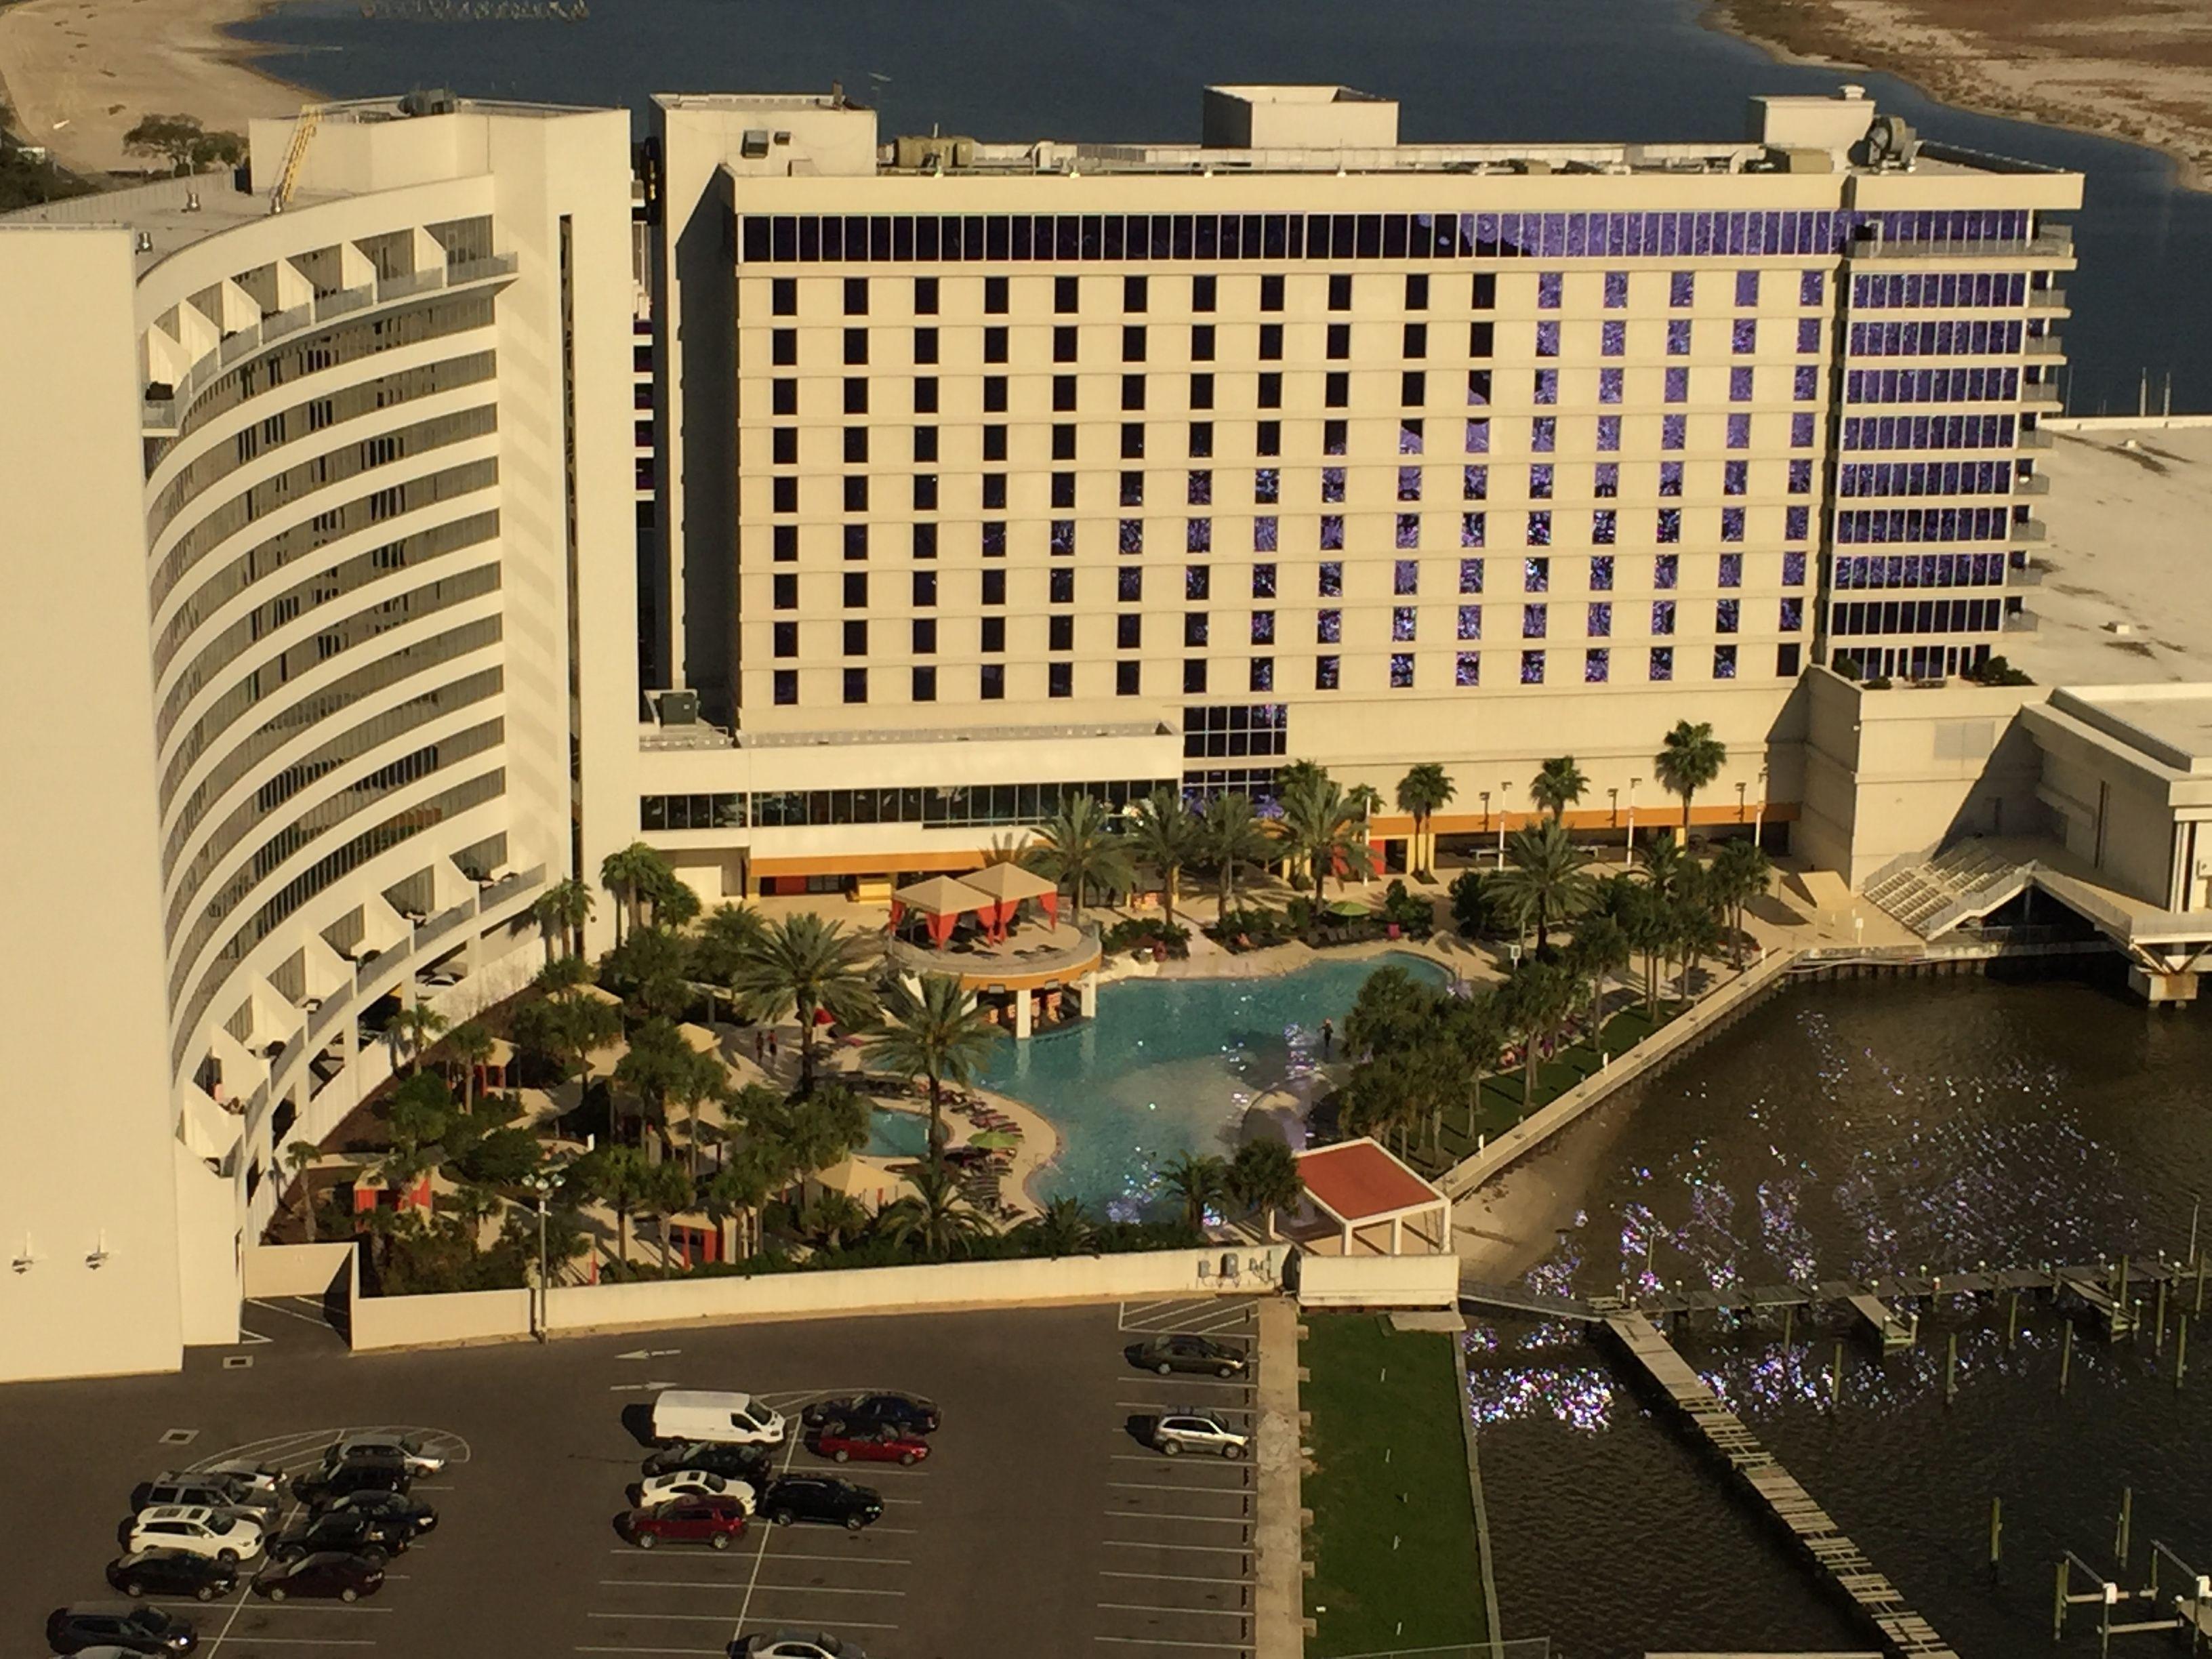 Biloxi boom casino mississippi town casino hotel nj